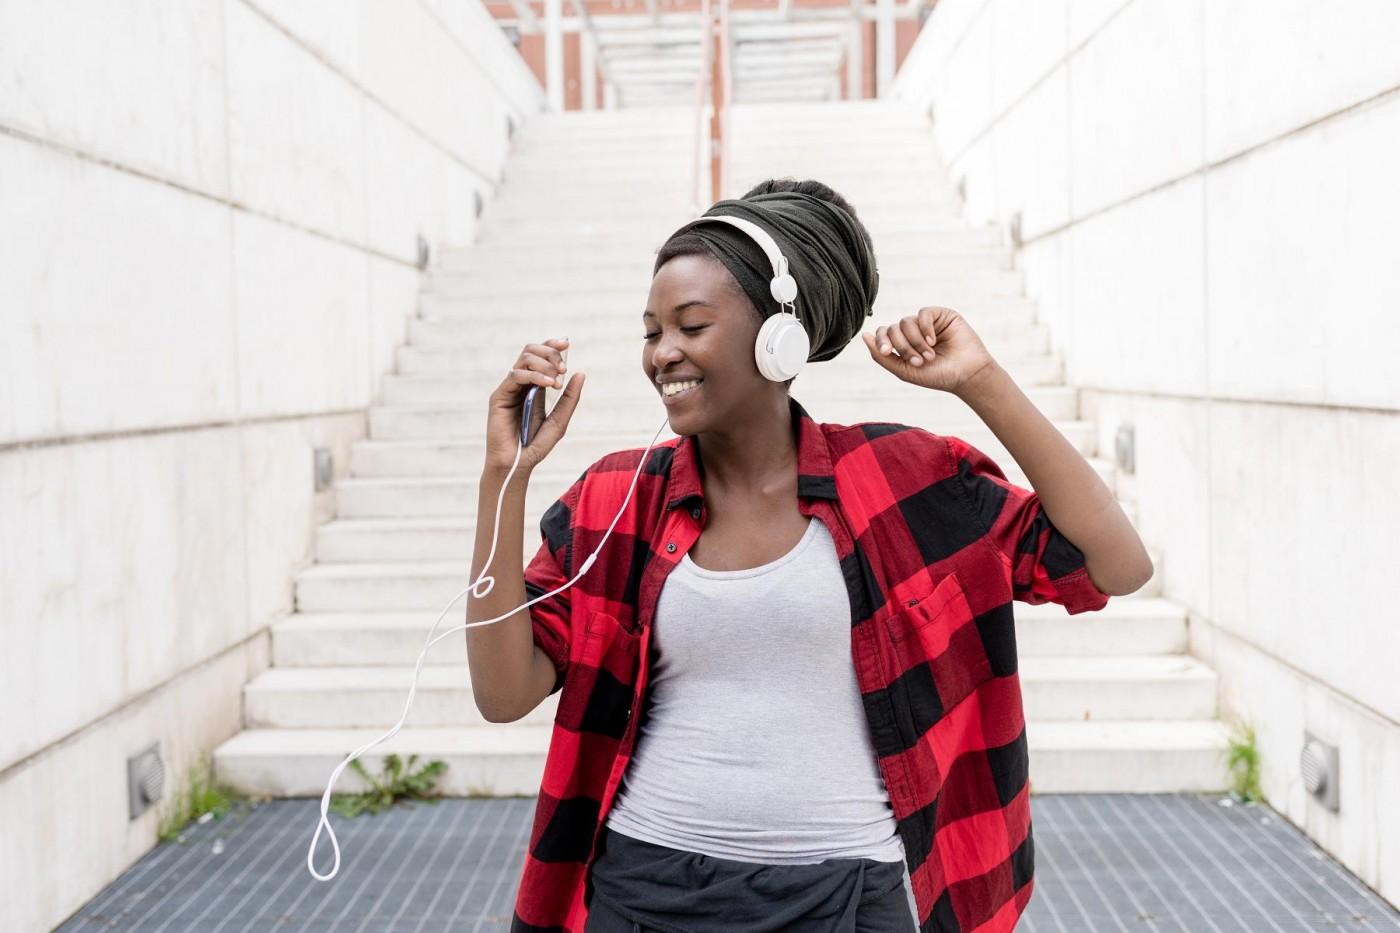 SoundCloud獲1.7億美元投資暫緩財務危機,重整經營策略